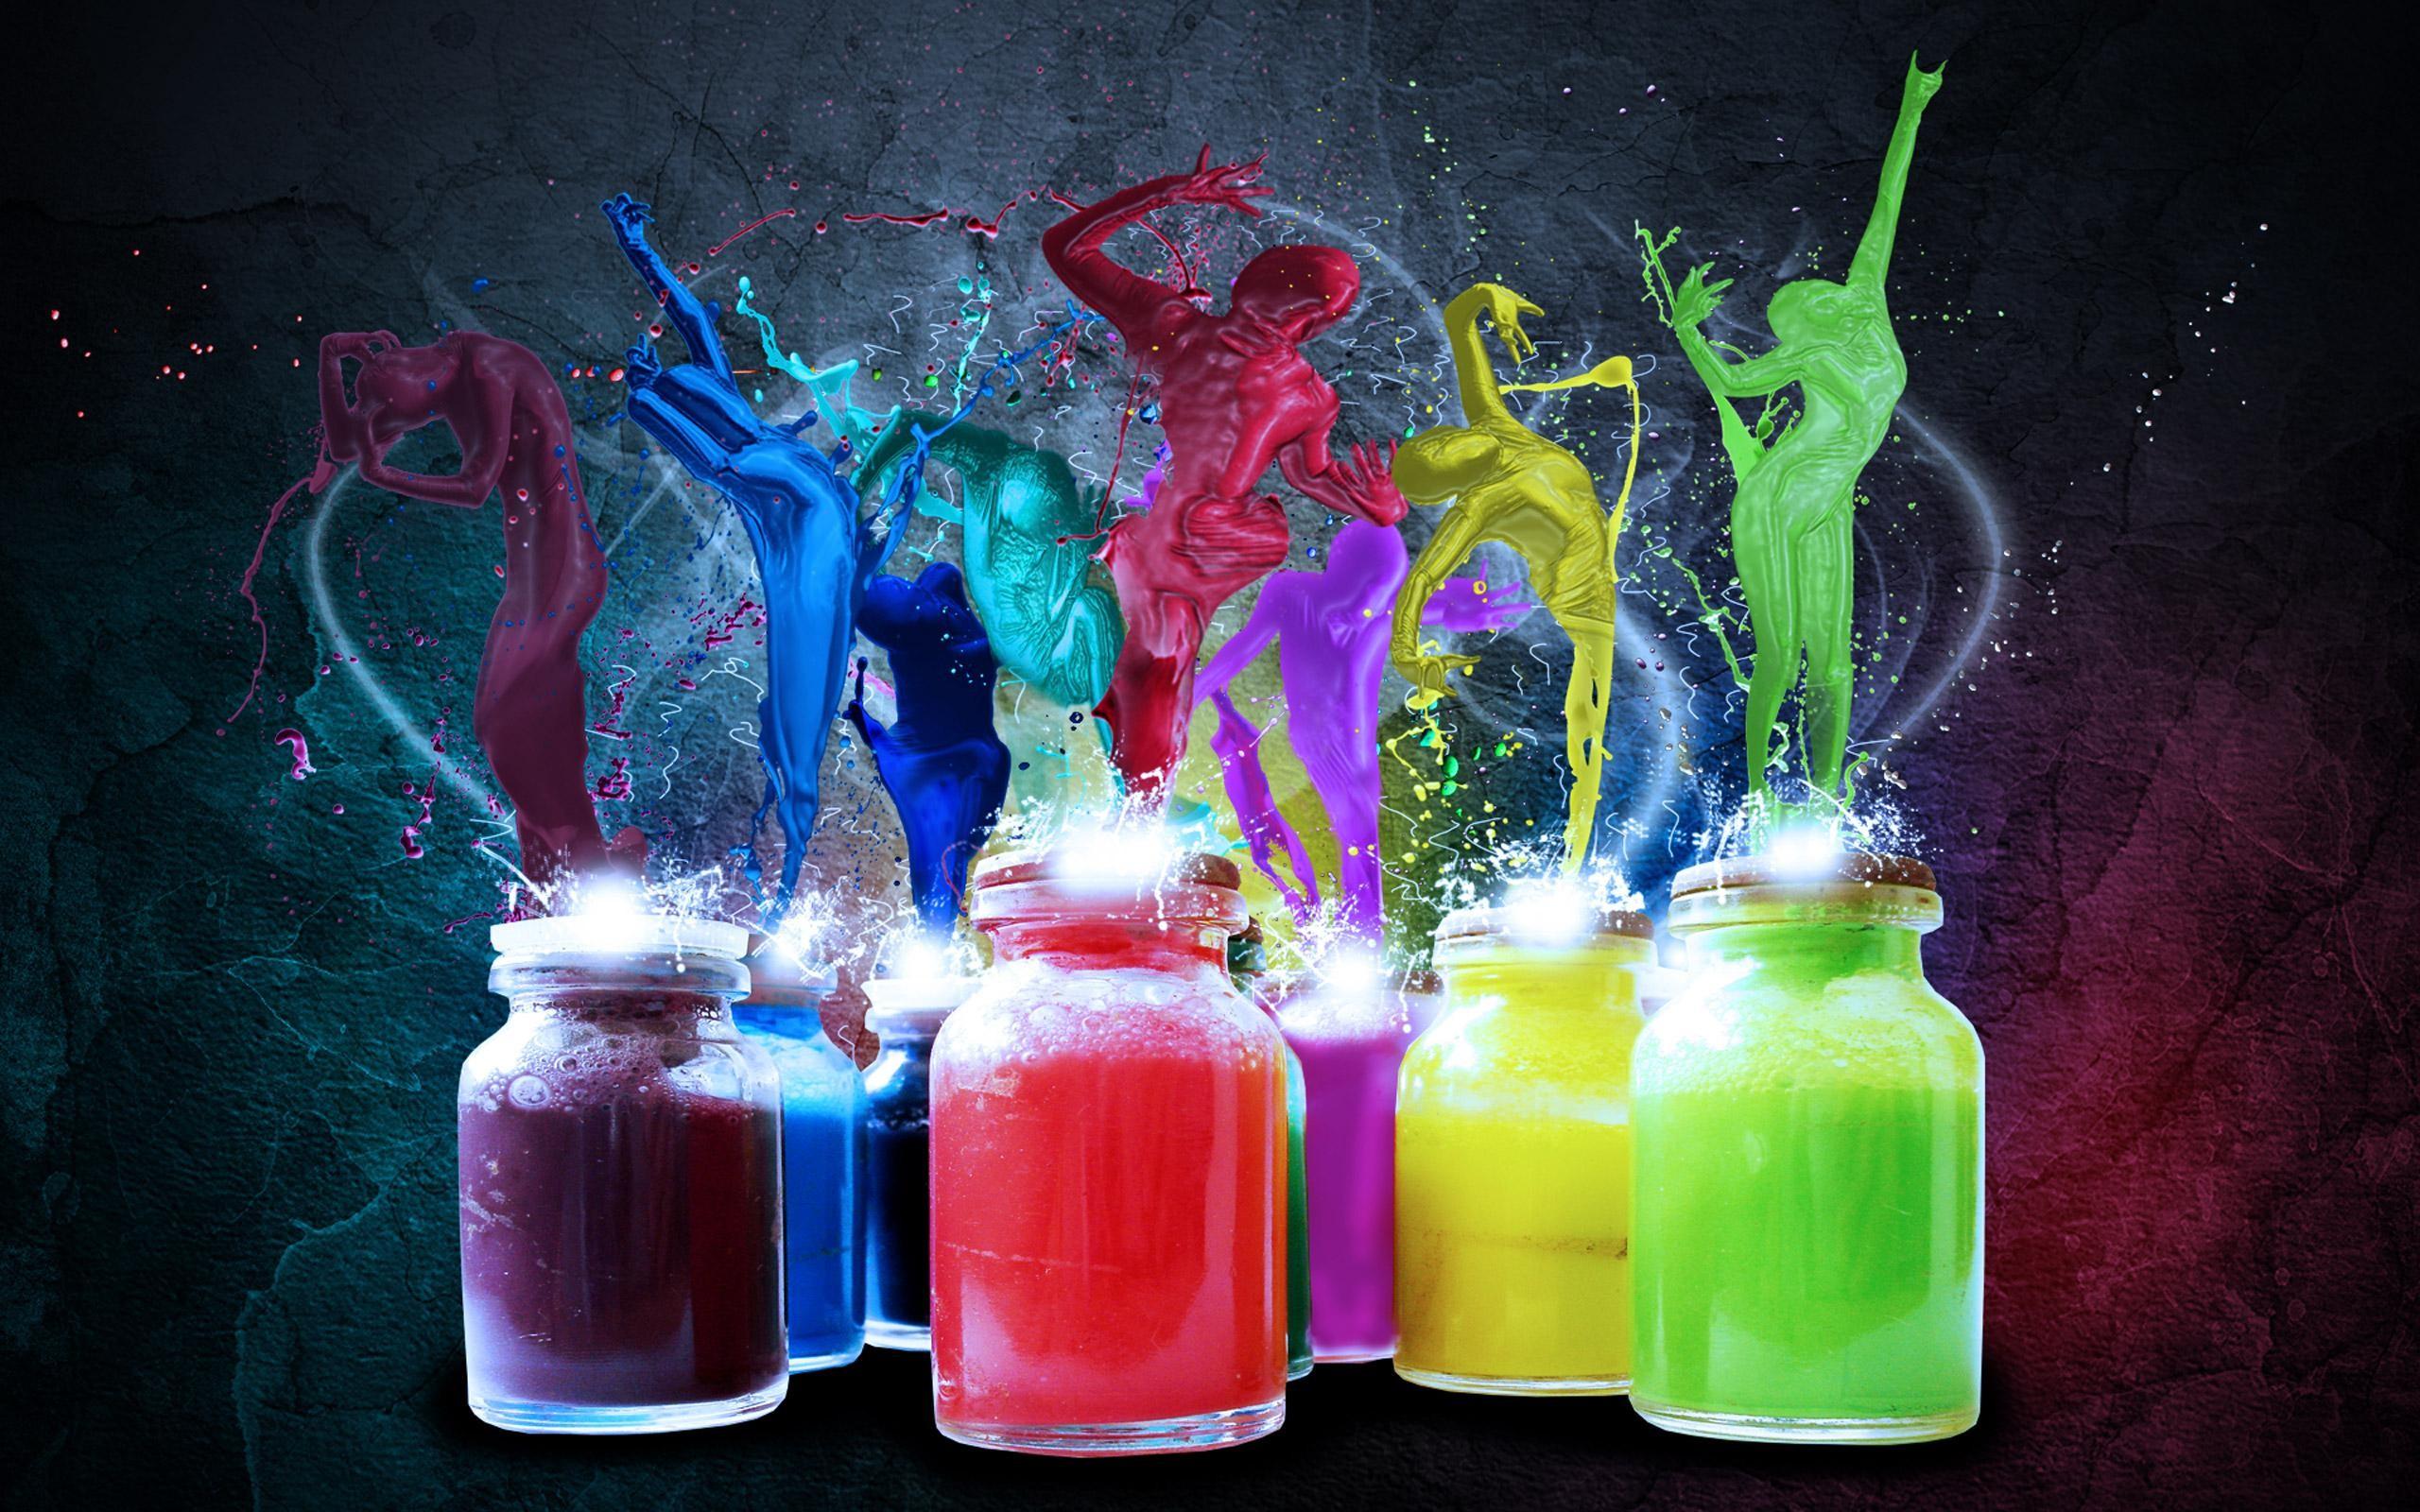 разноцветные краски. скачать фото, радуга, духи, обои для рабочего стола